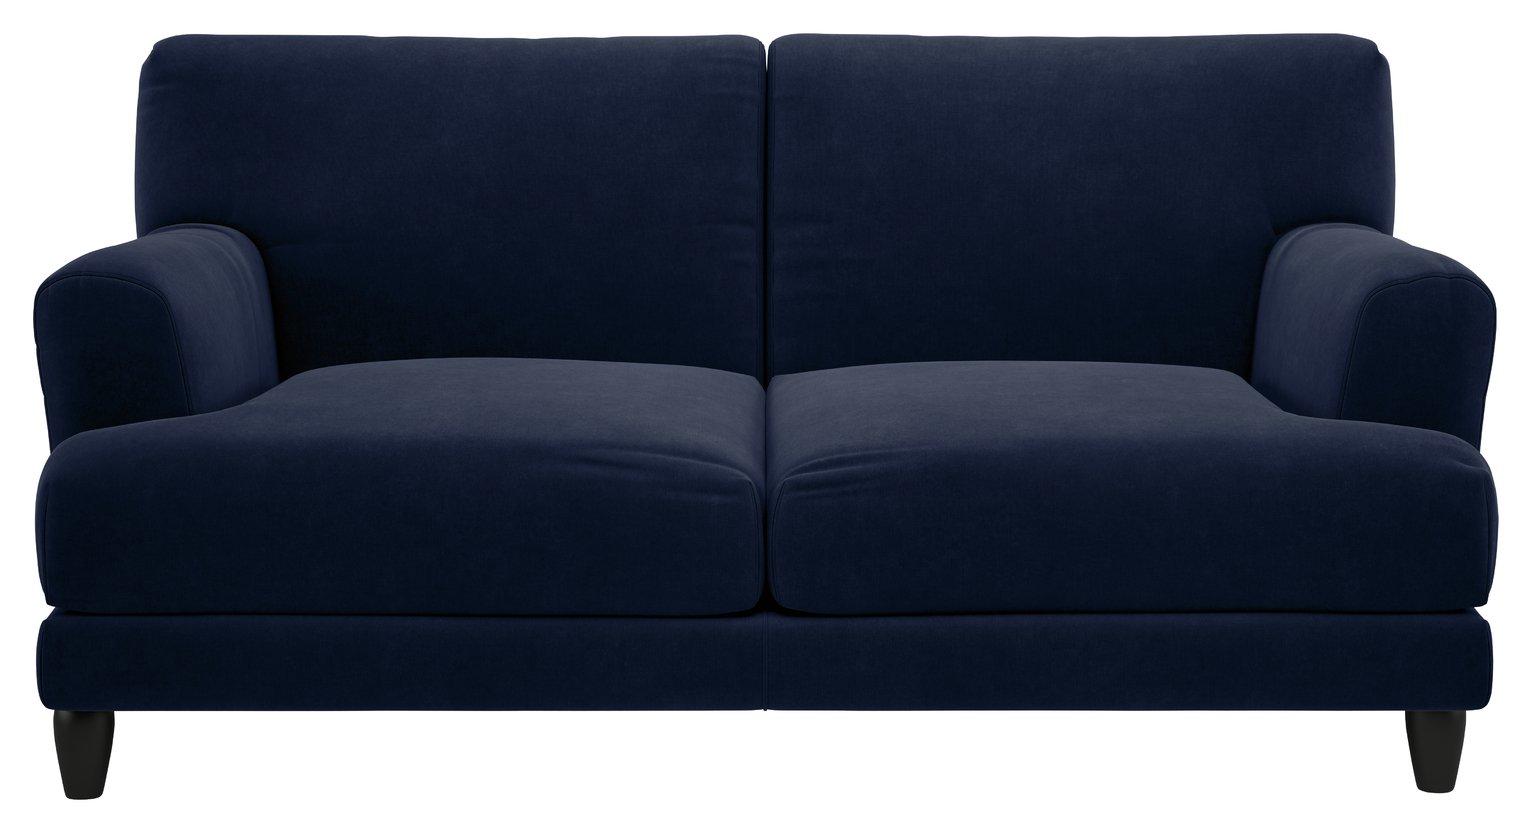 Habitat Askem 2 Seater Velvet Sofa - Navy